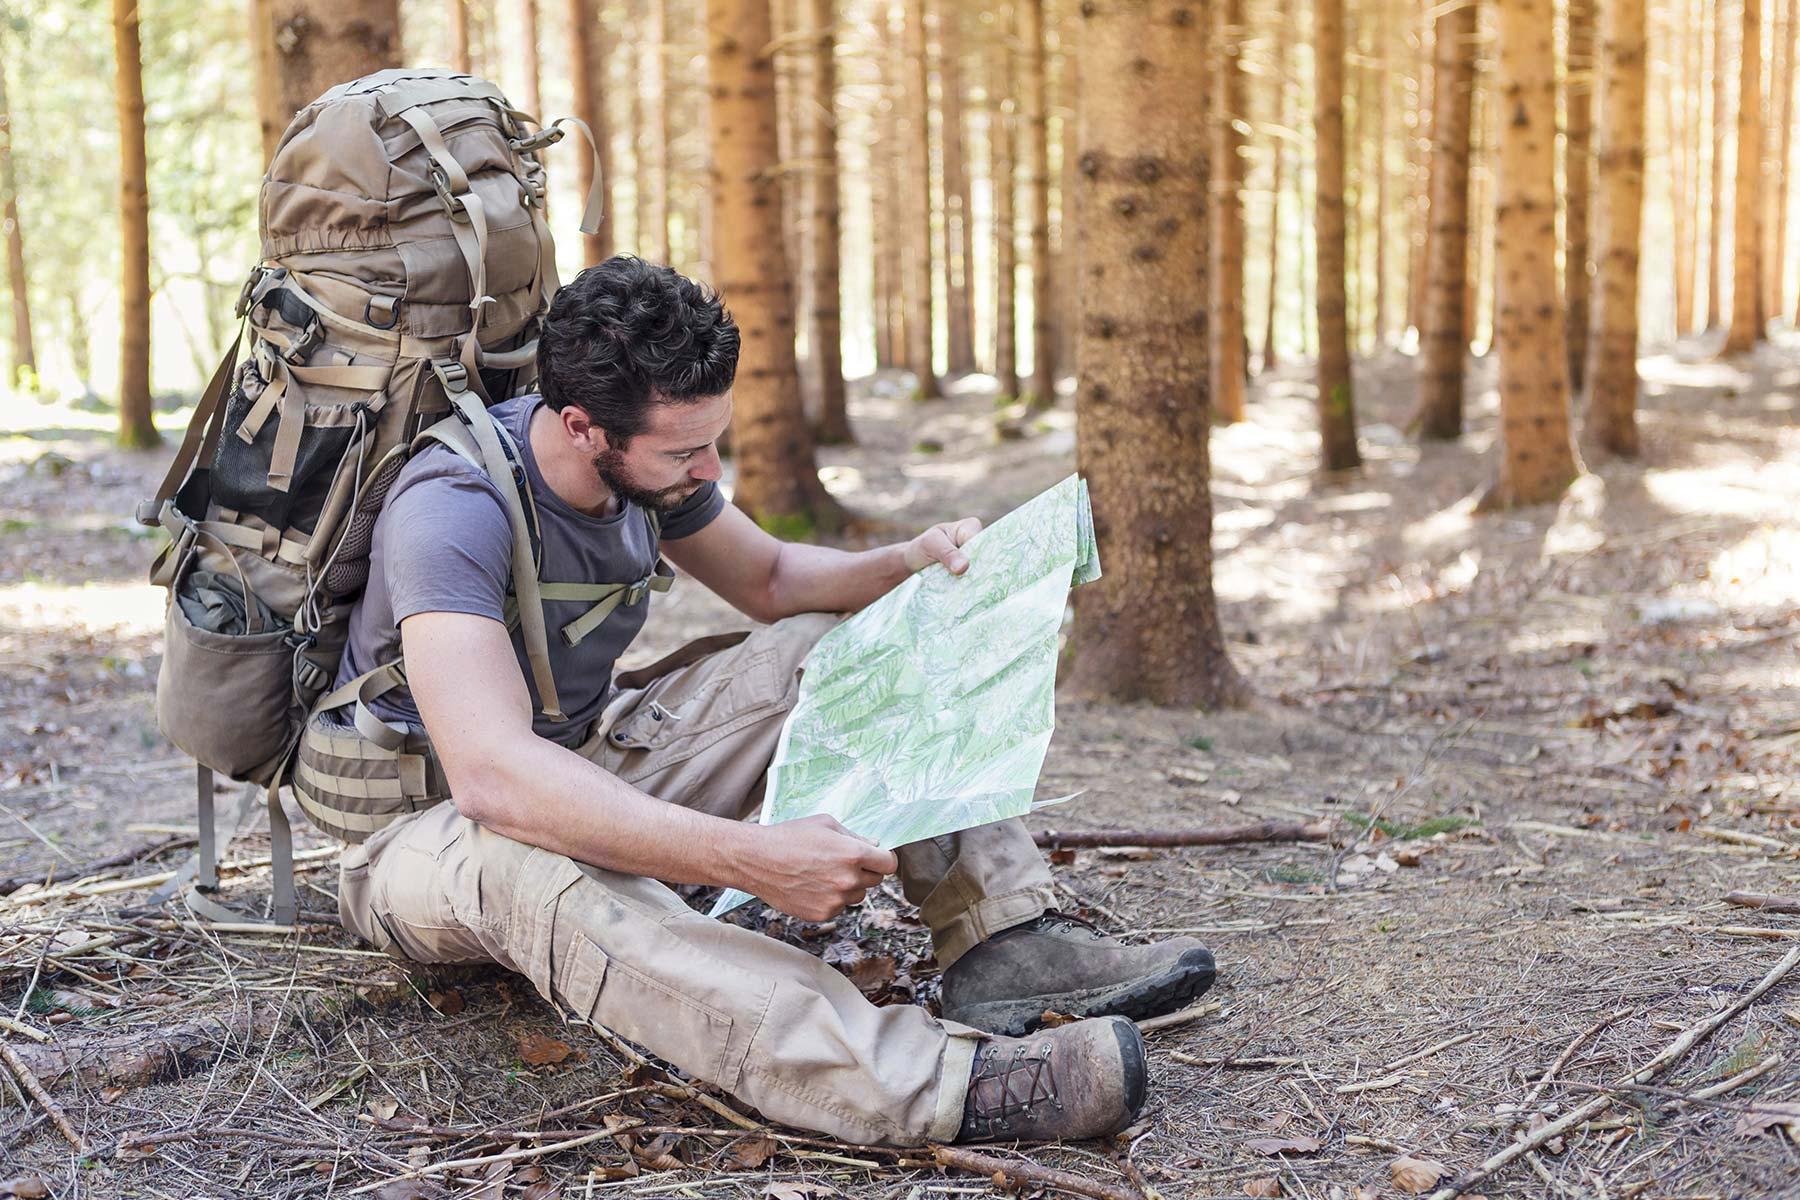 Tactical Game Corso di orientamento e navigazione per escursionisti